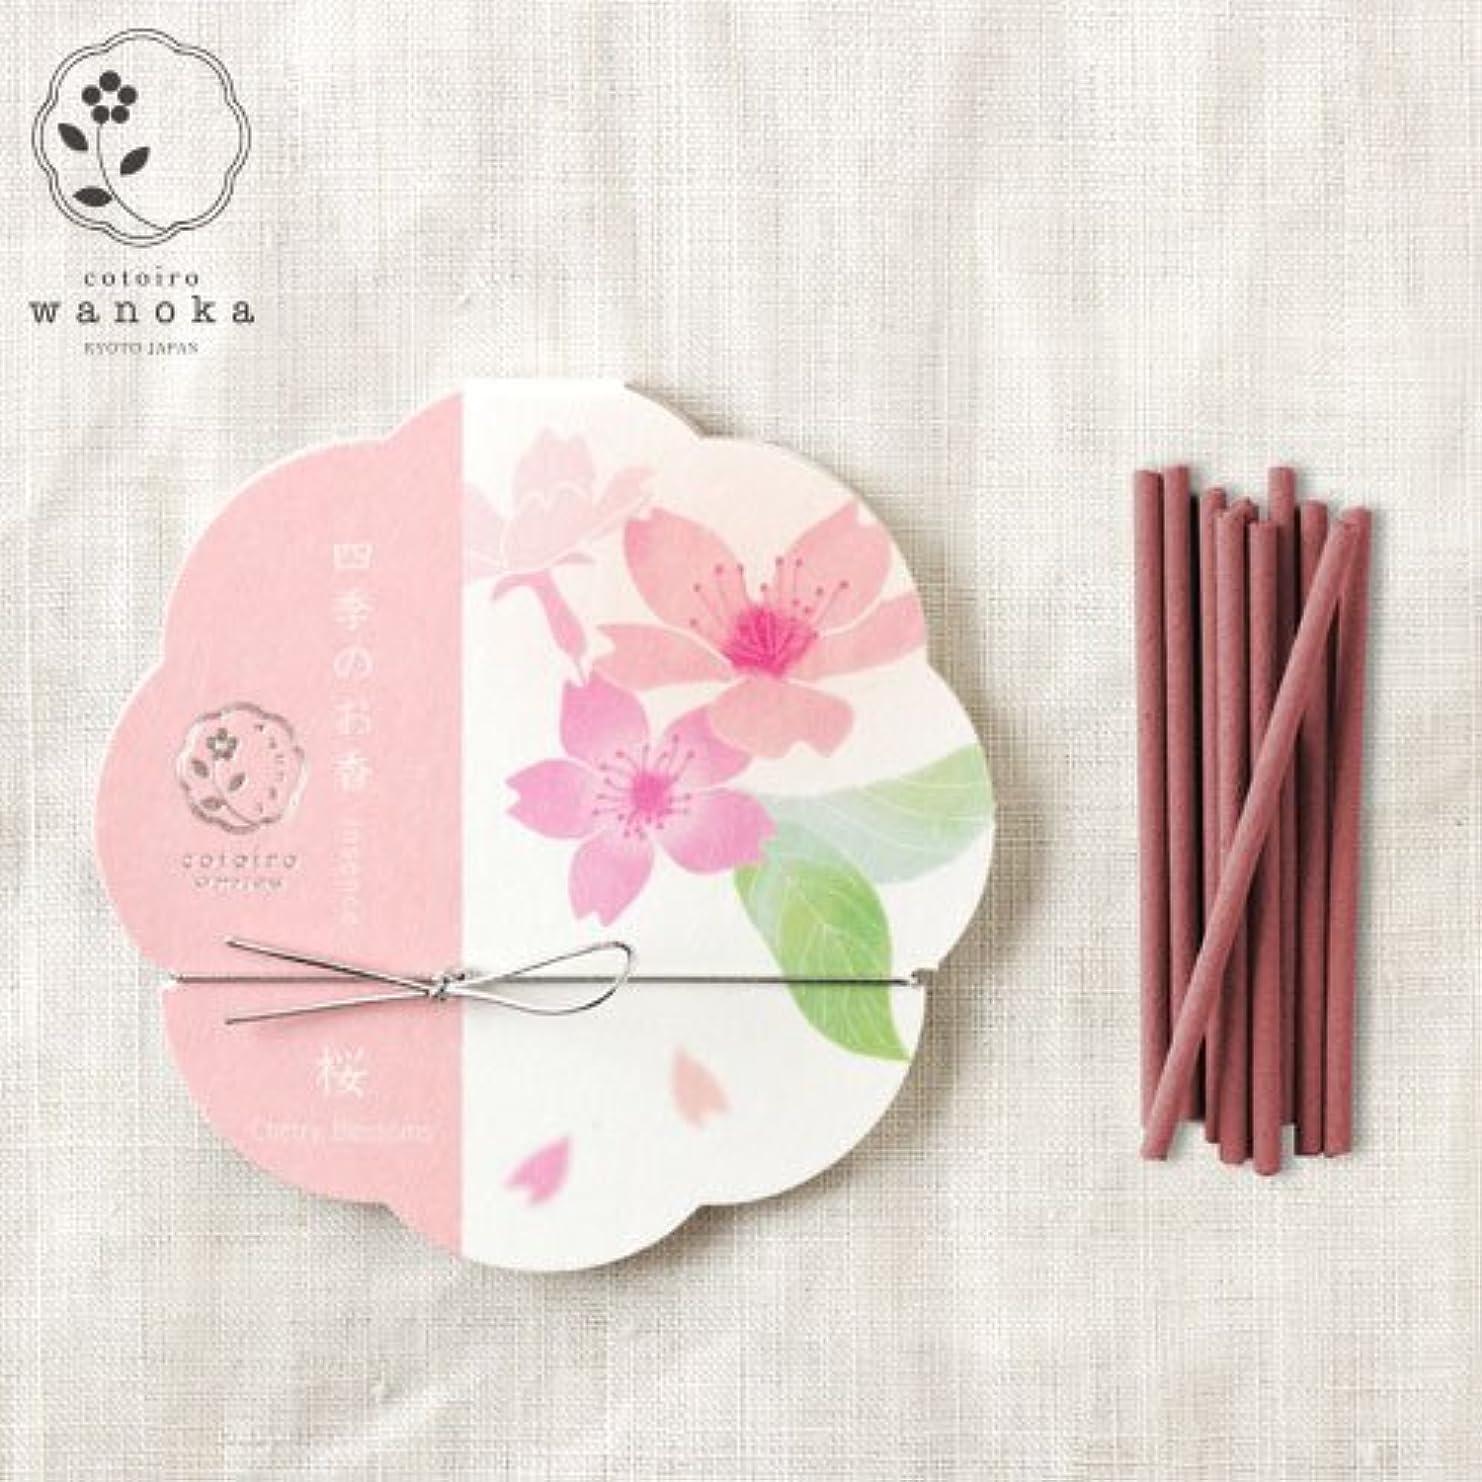 花束雇う殉教者wanoka四季のお香(インセンス)桜《桜をイメージした甘い香り》ART LABIncense stick